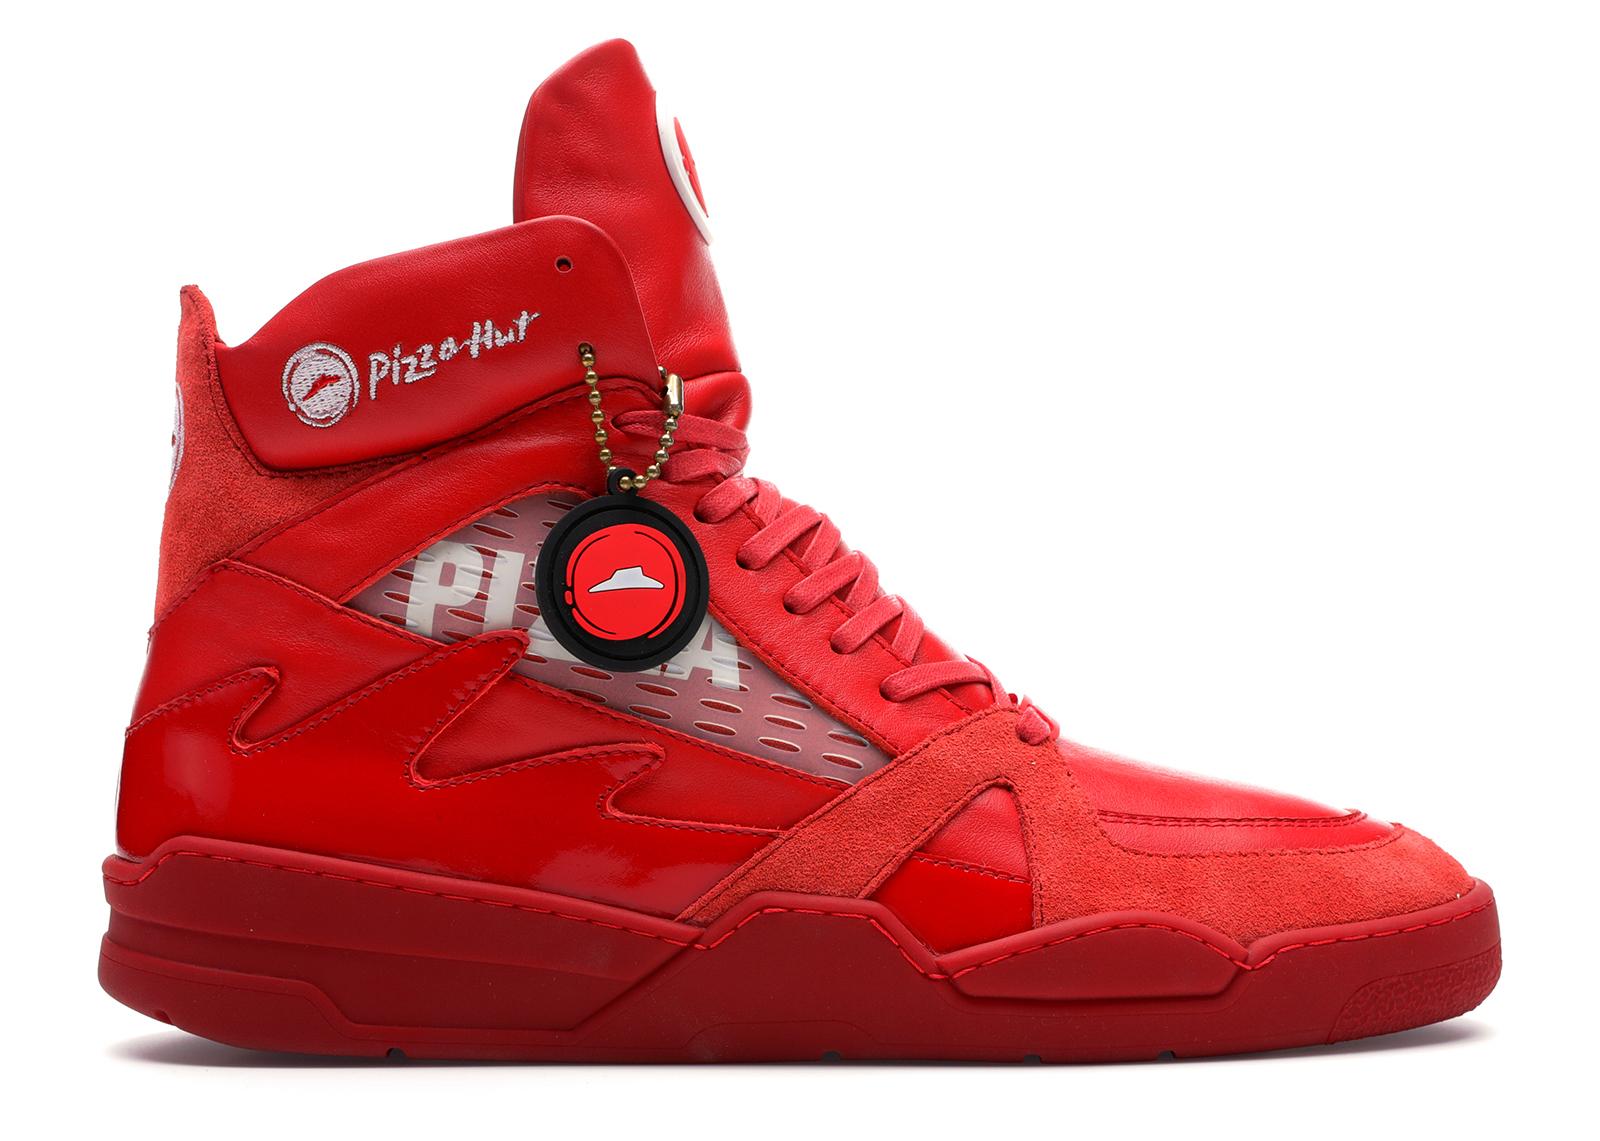 Pizza Hut Pie Tops II Red - Sneakers